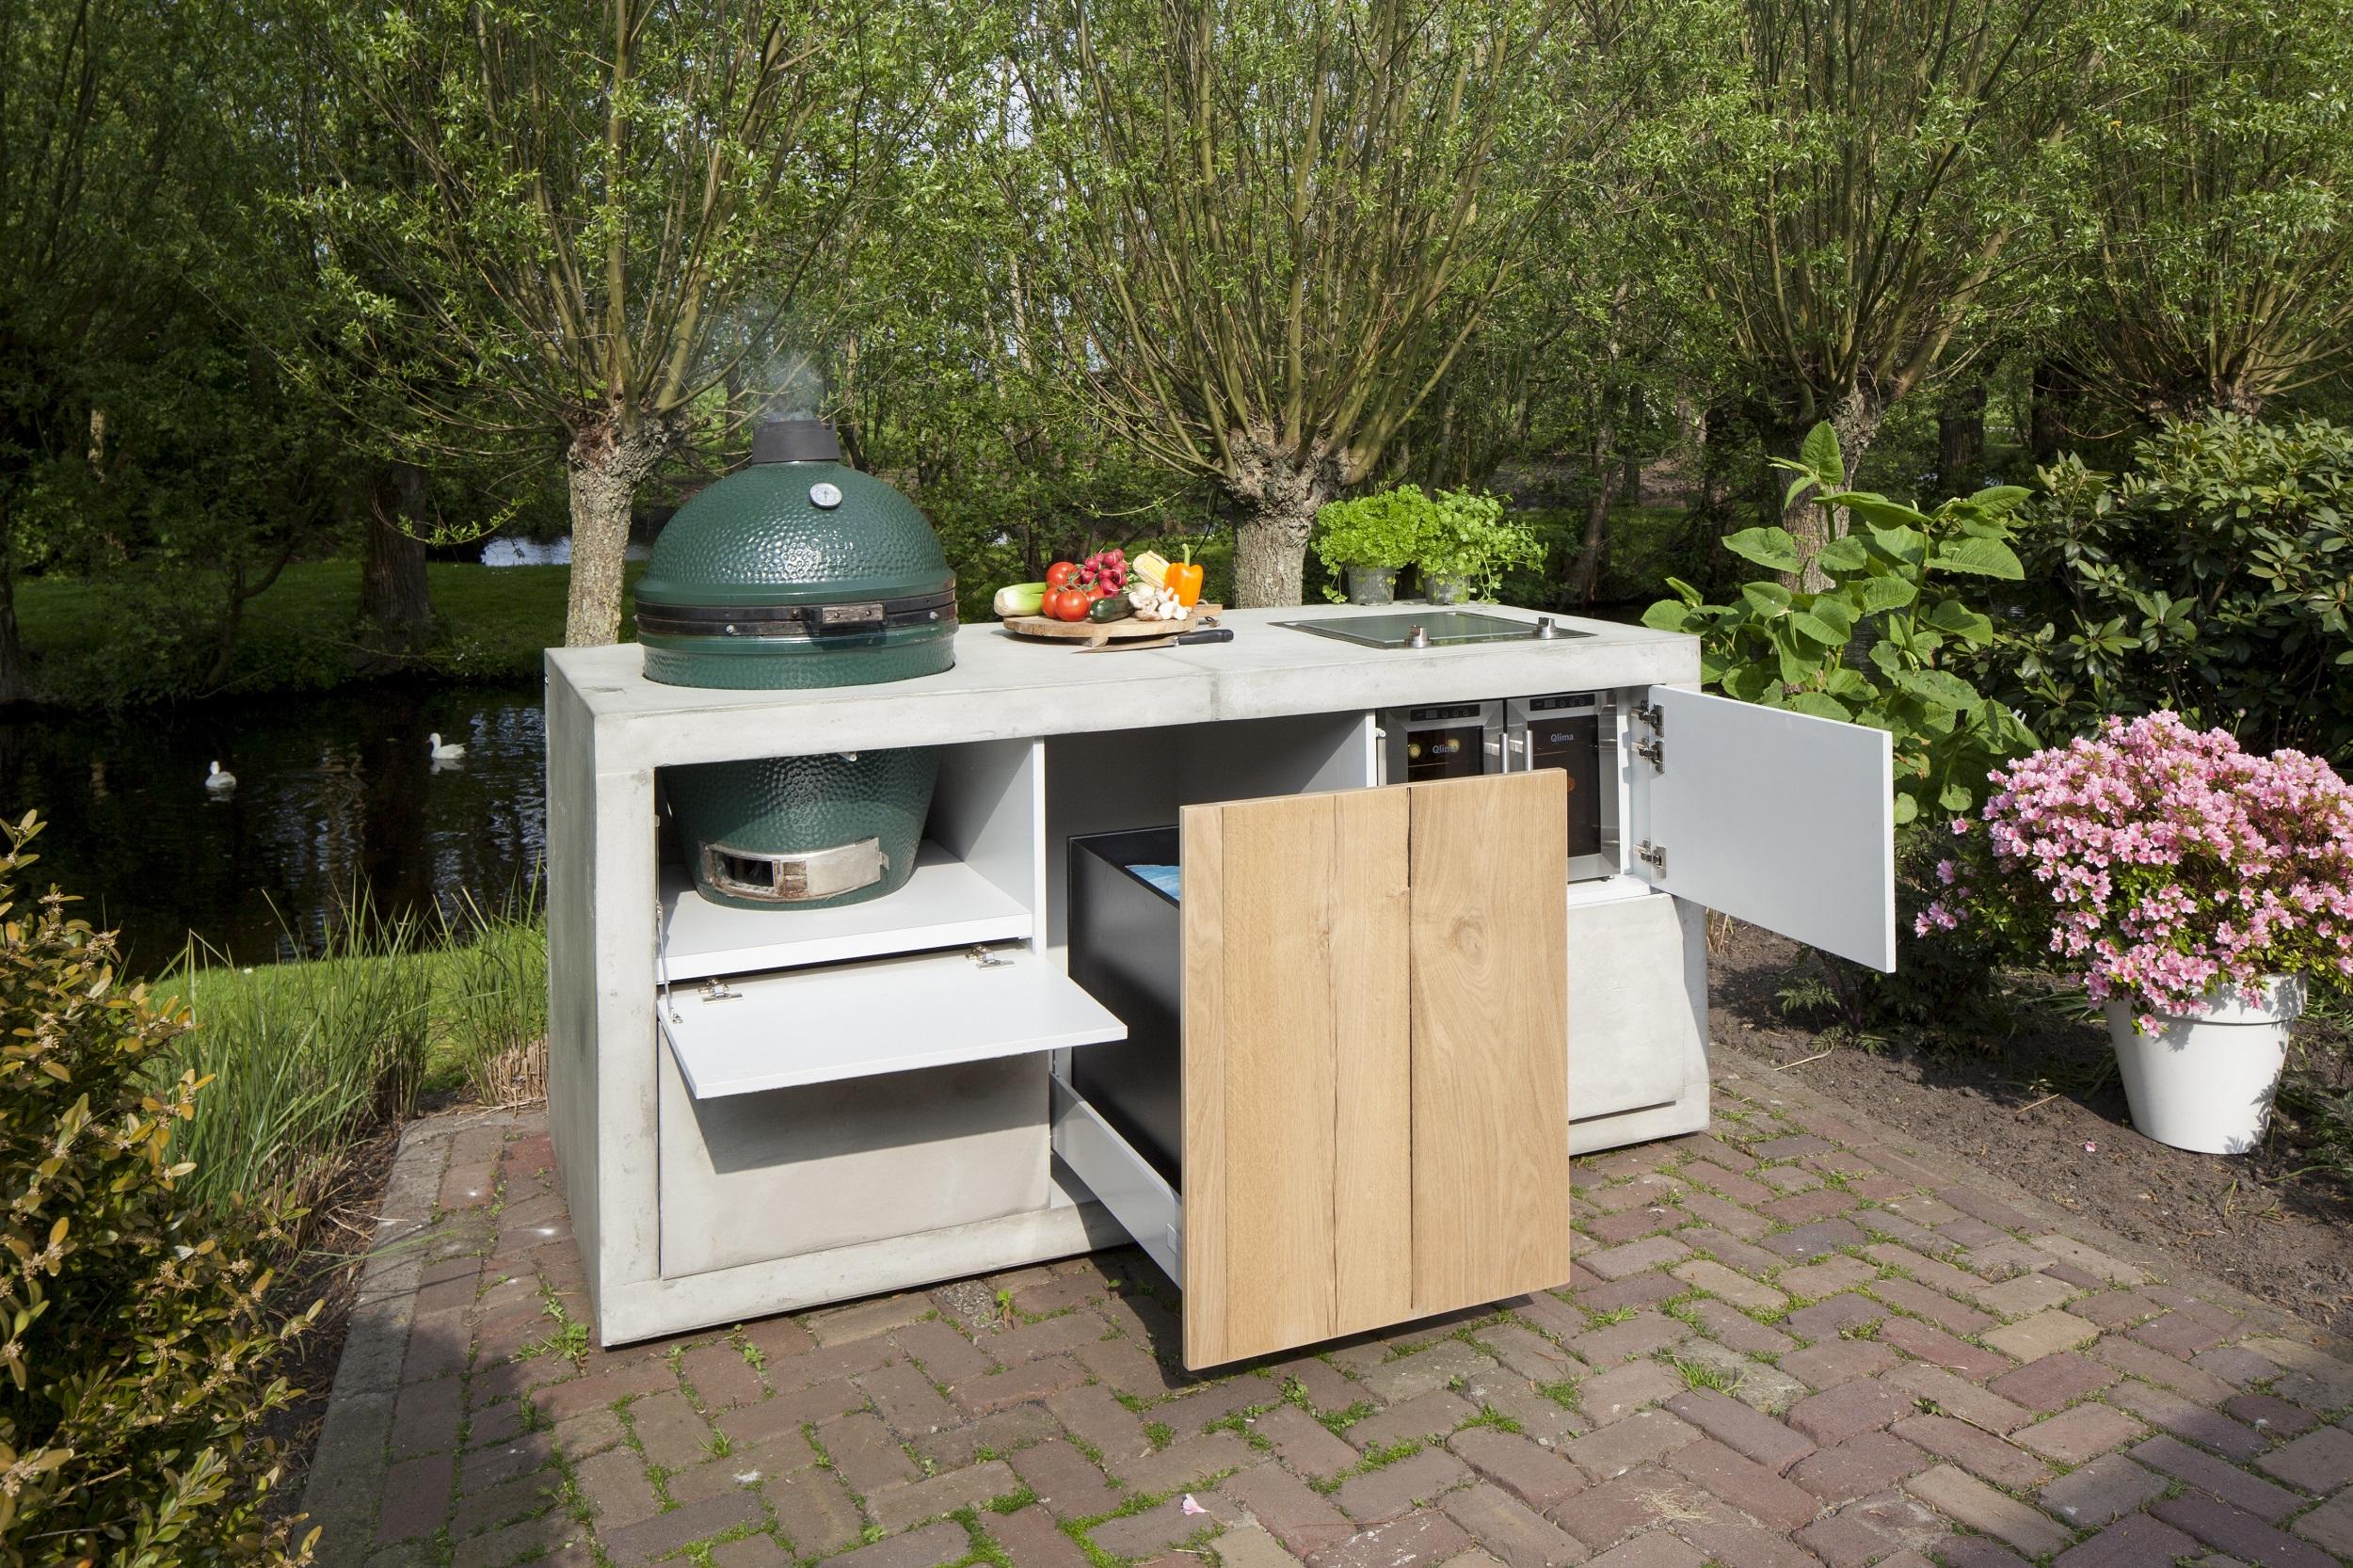 Exclusieve buitenkeukens grezzo - Barbecue ontwerp ...